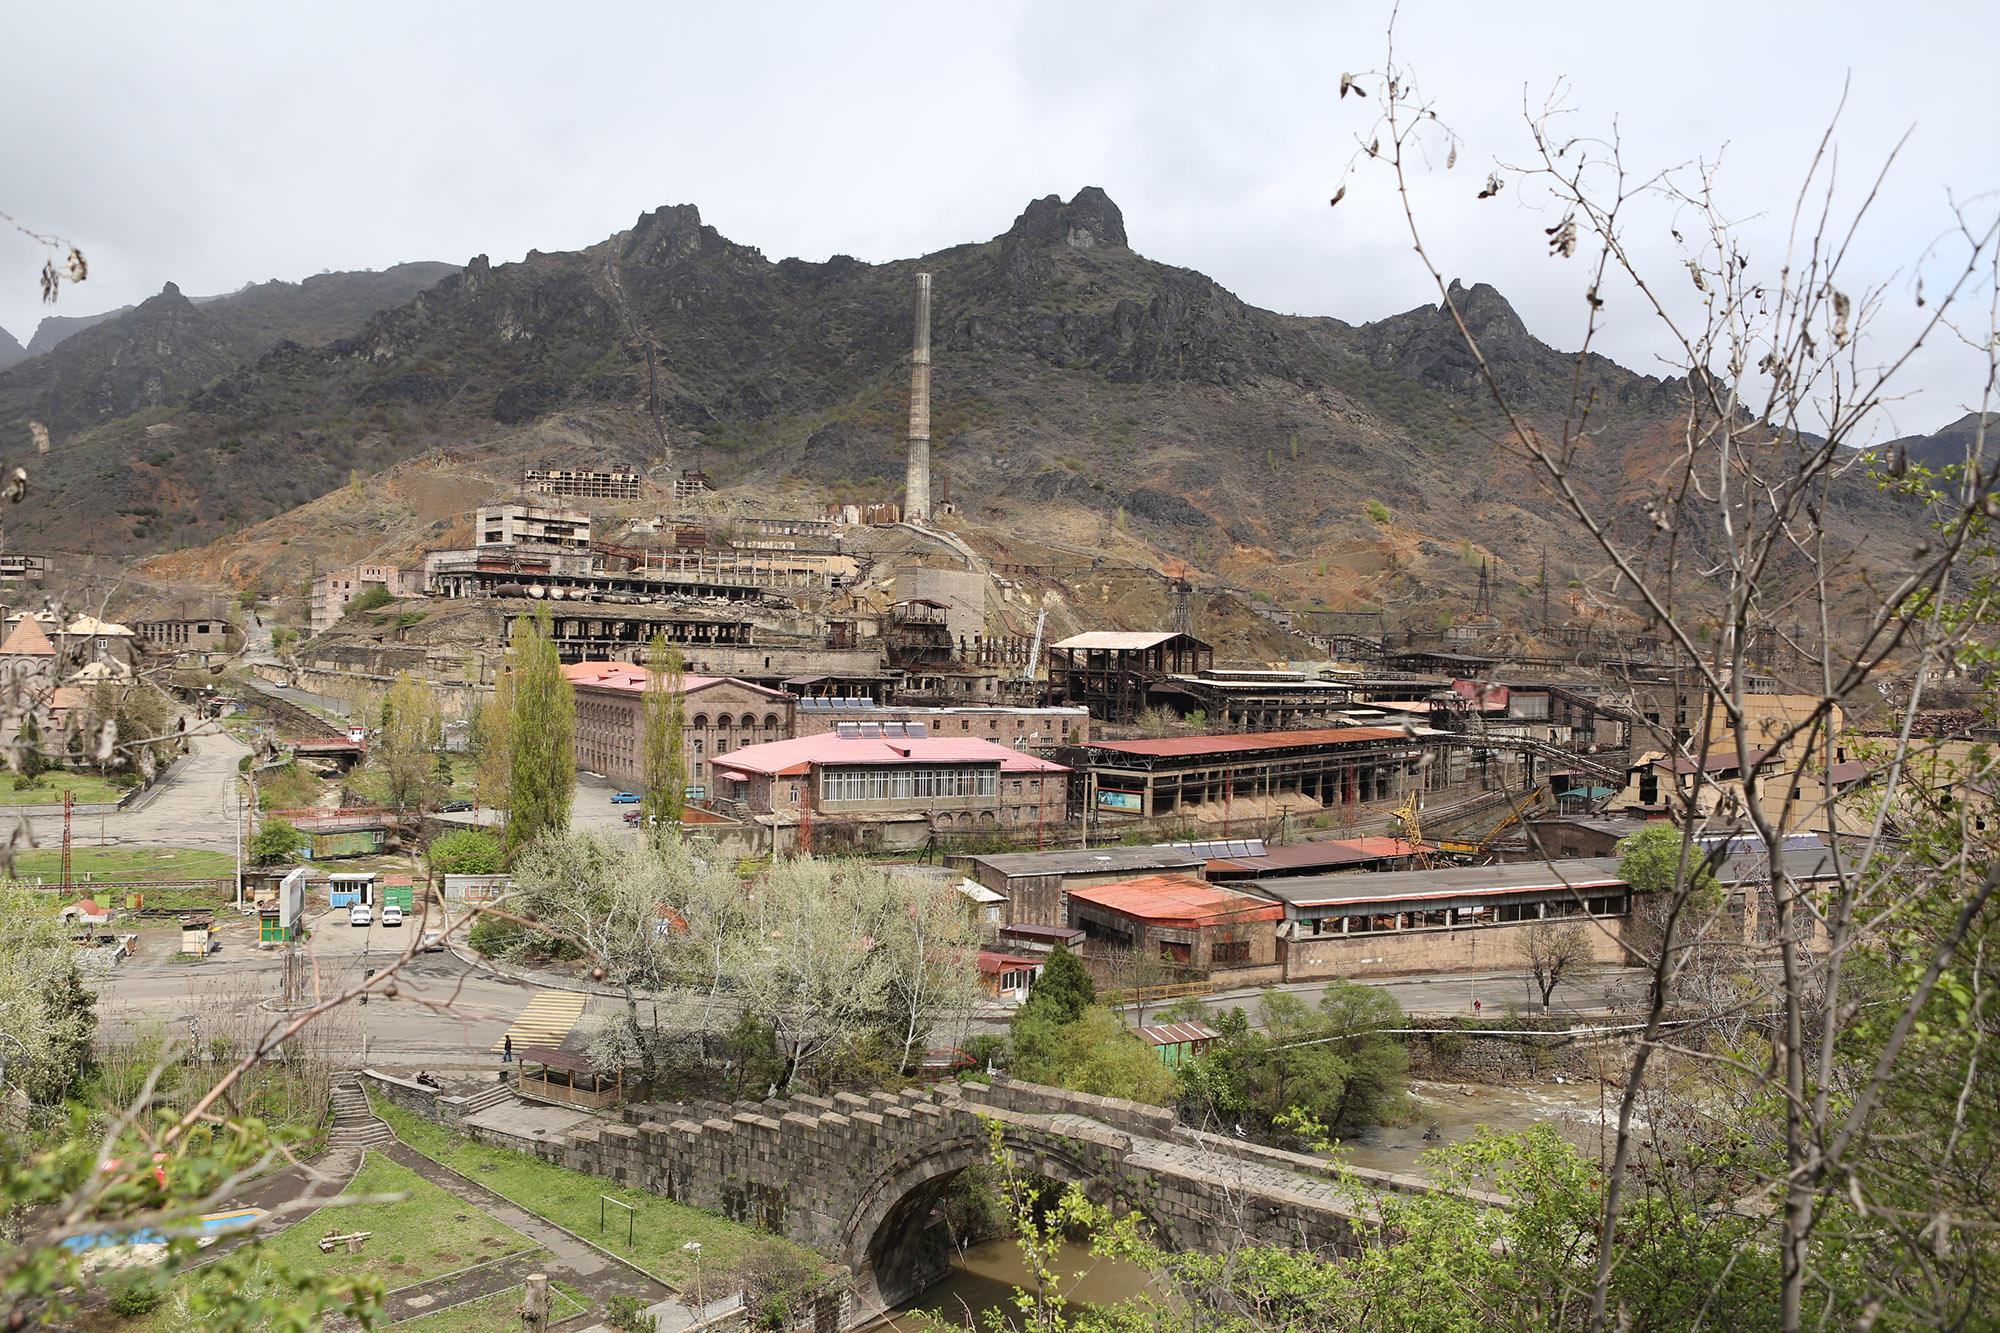 Armenia's copper capital no longer? The uncertain future of Alaverdi